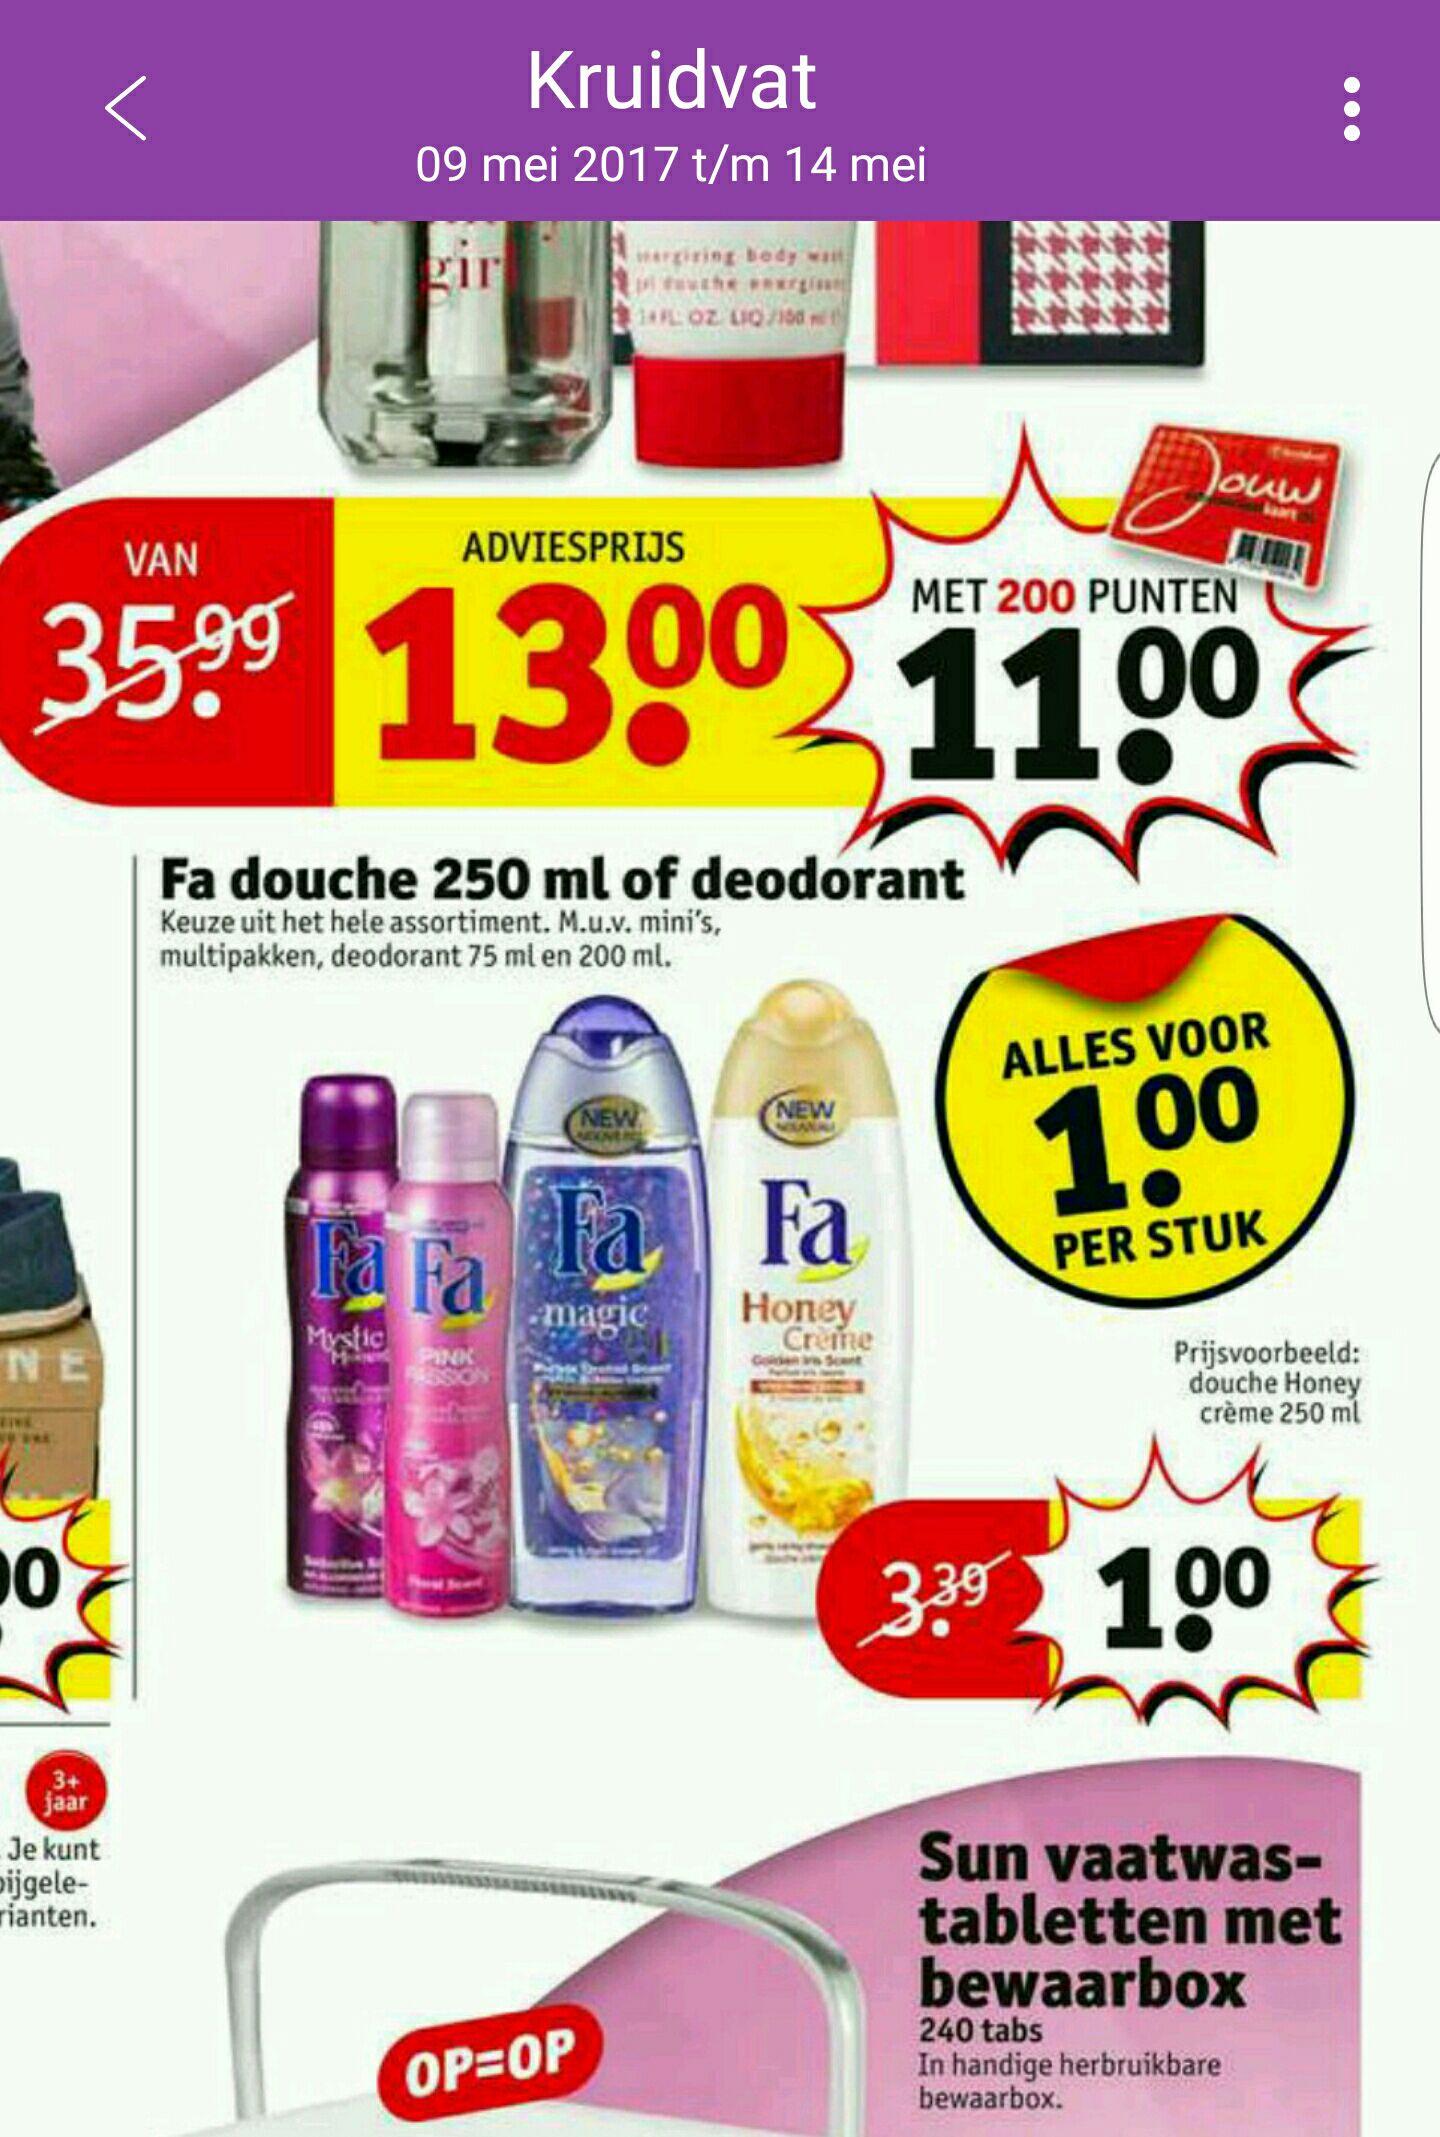 Fa deo en douche, alles voor €1 per stuk! @ Kruidvat